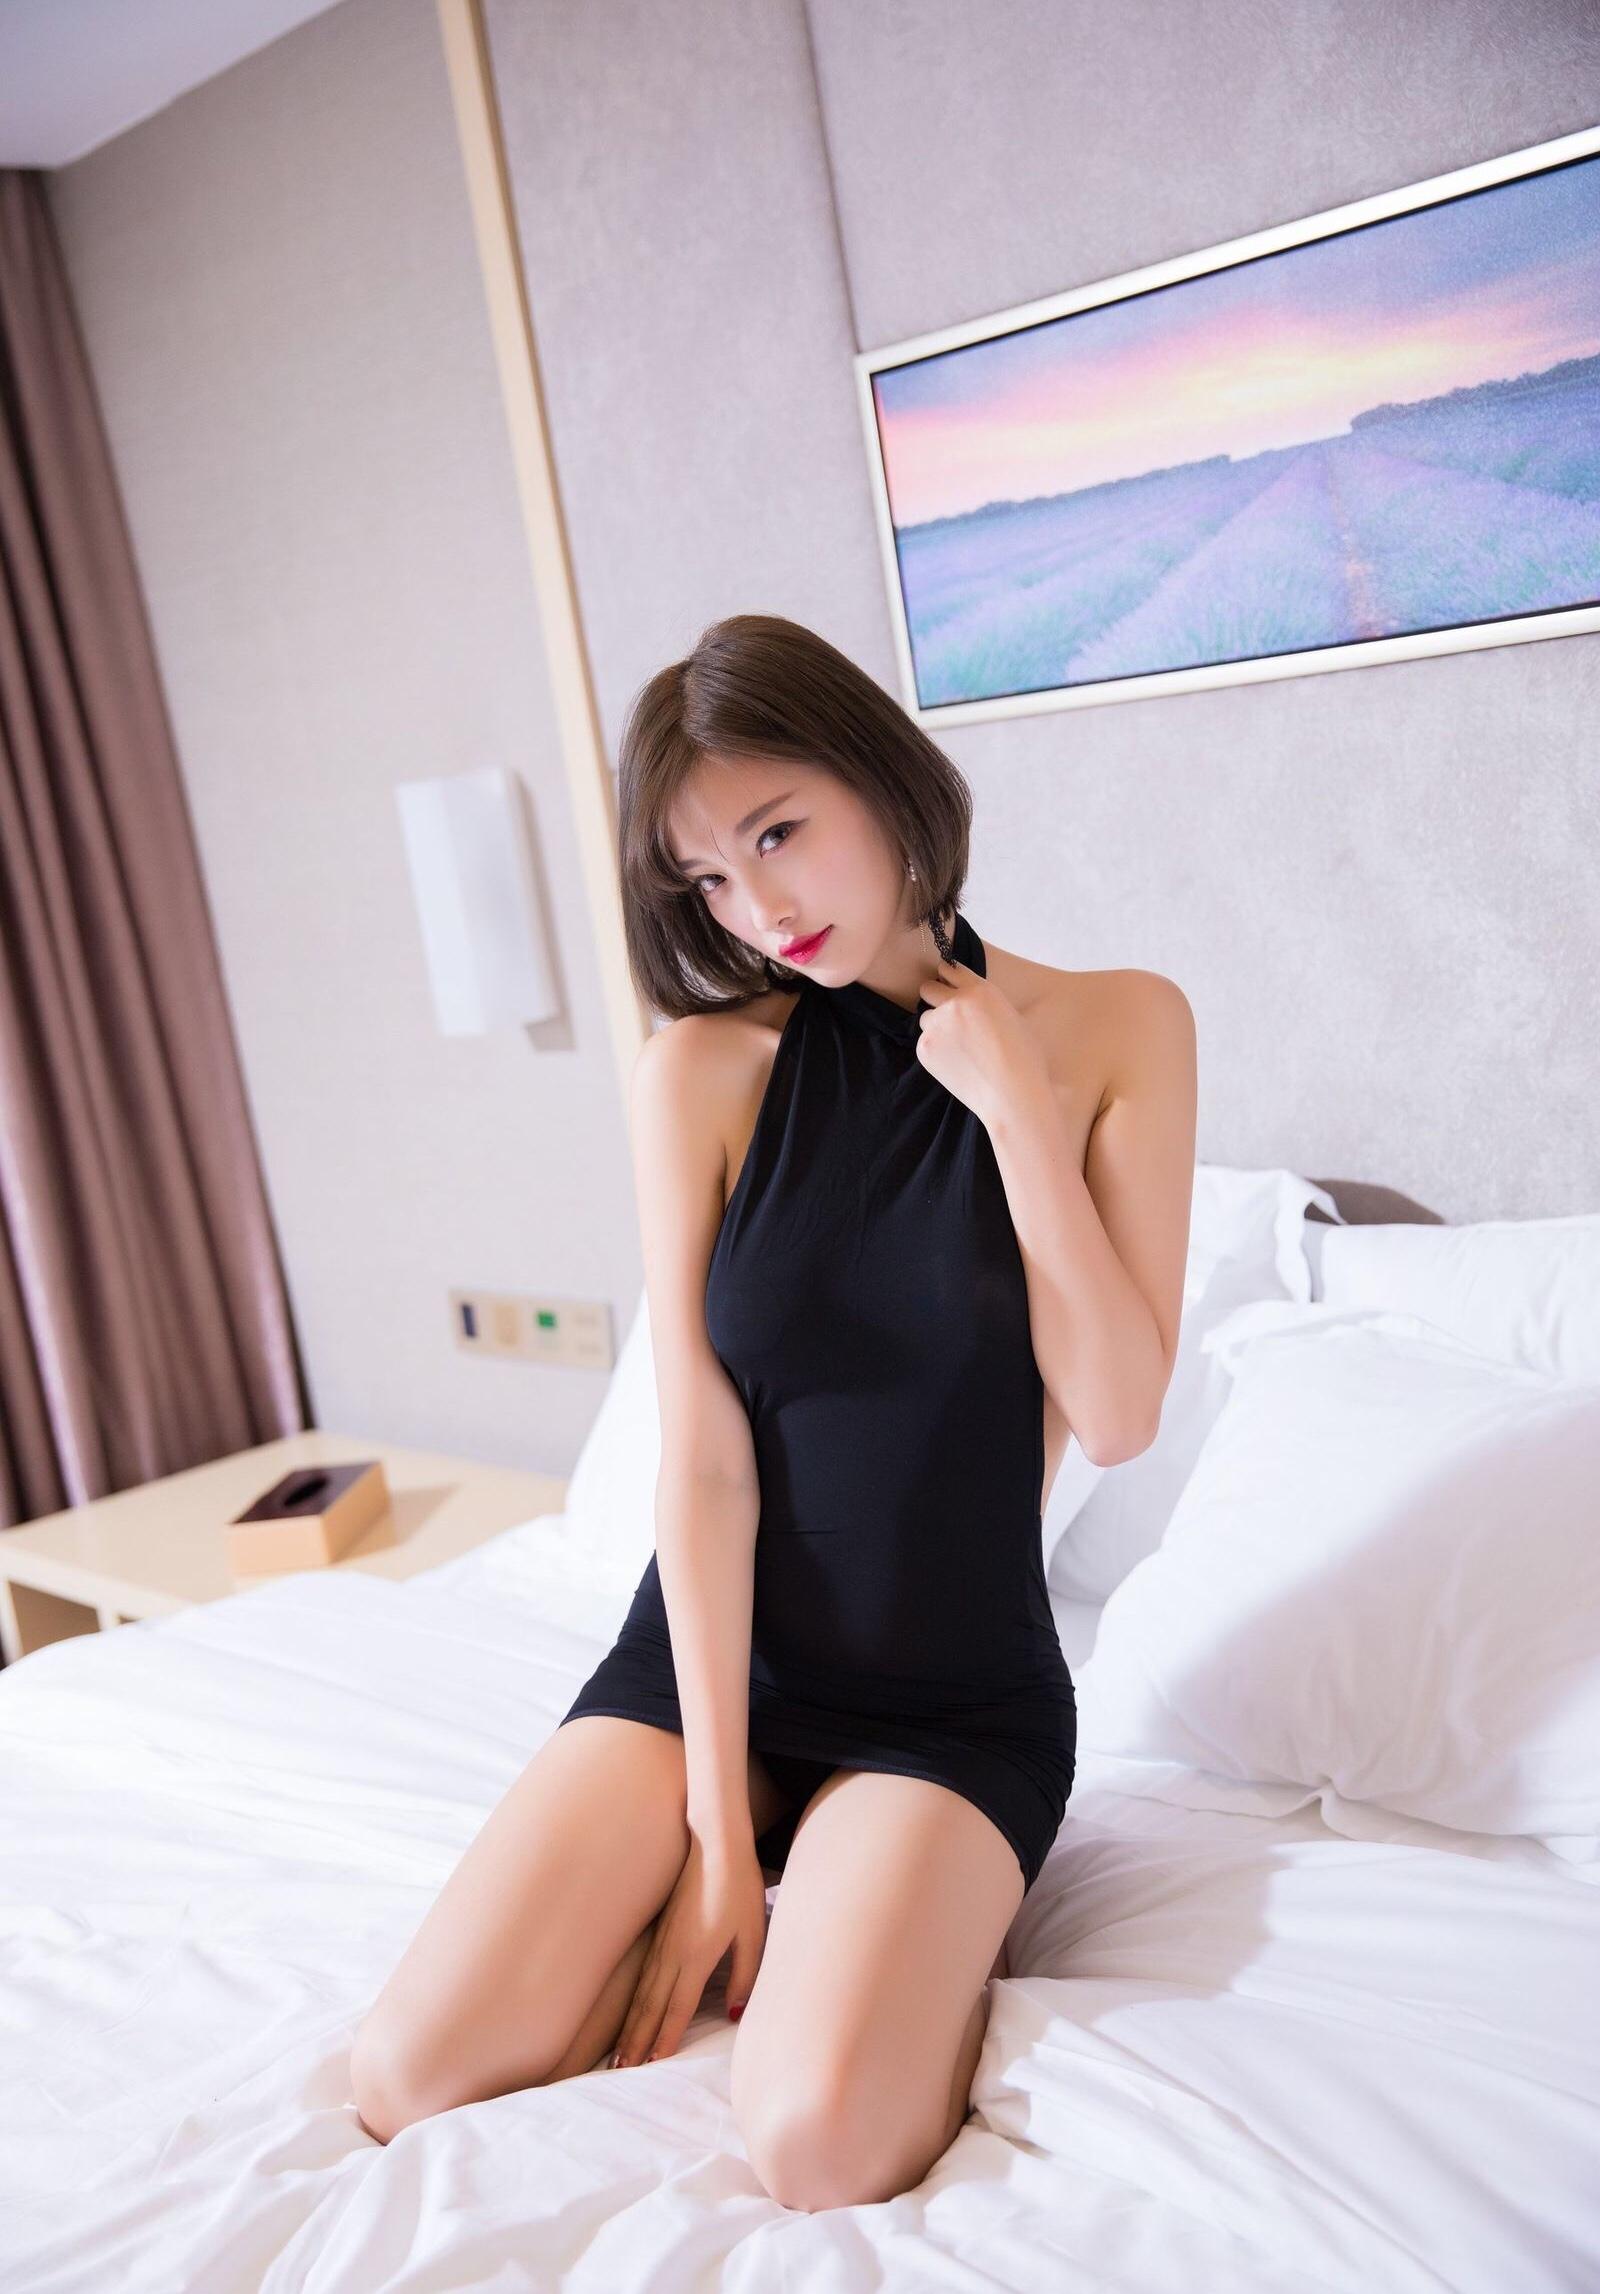 杨晨晨のセクシーすぎるボディコンドレス 5